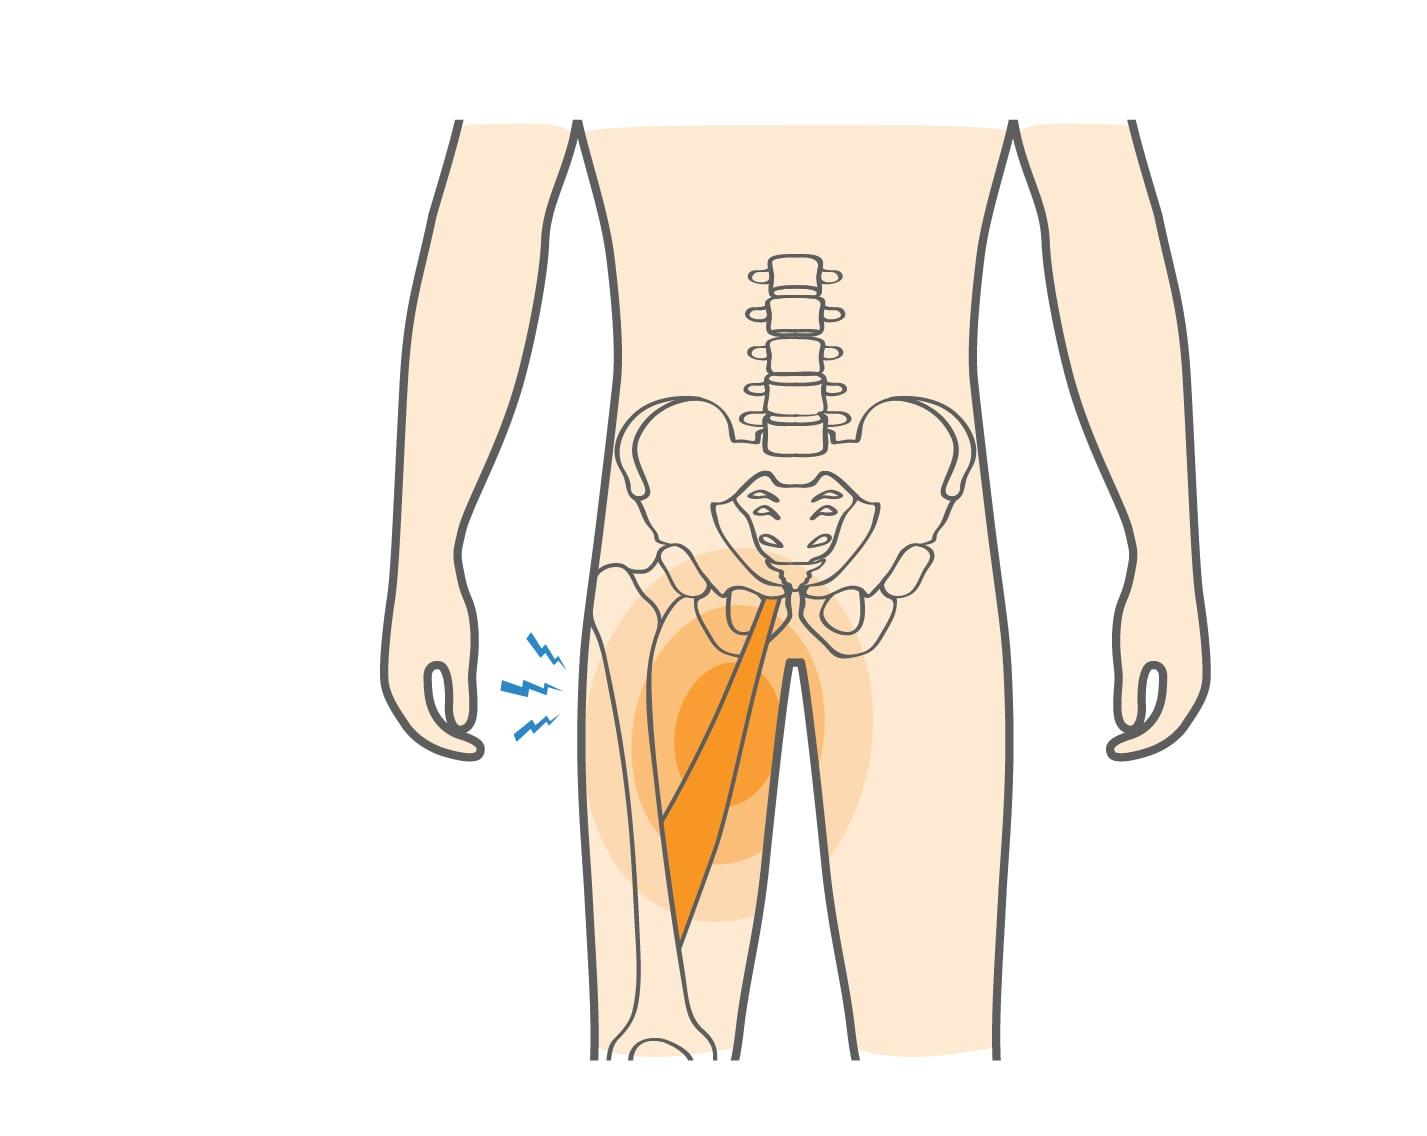 بهترین روش برای درمان کشیدگی کشاله ران